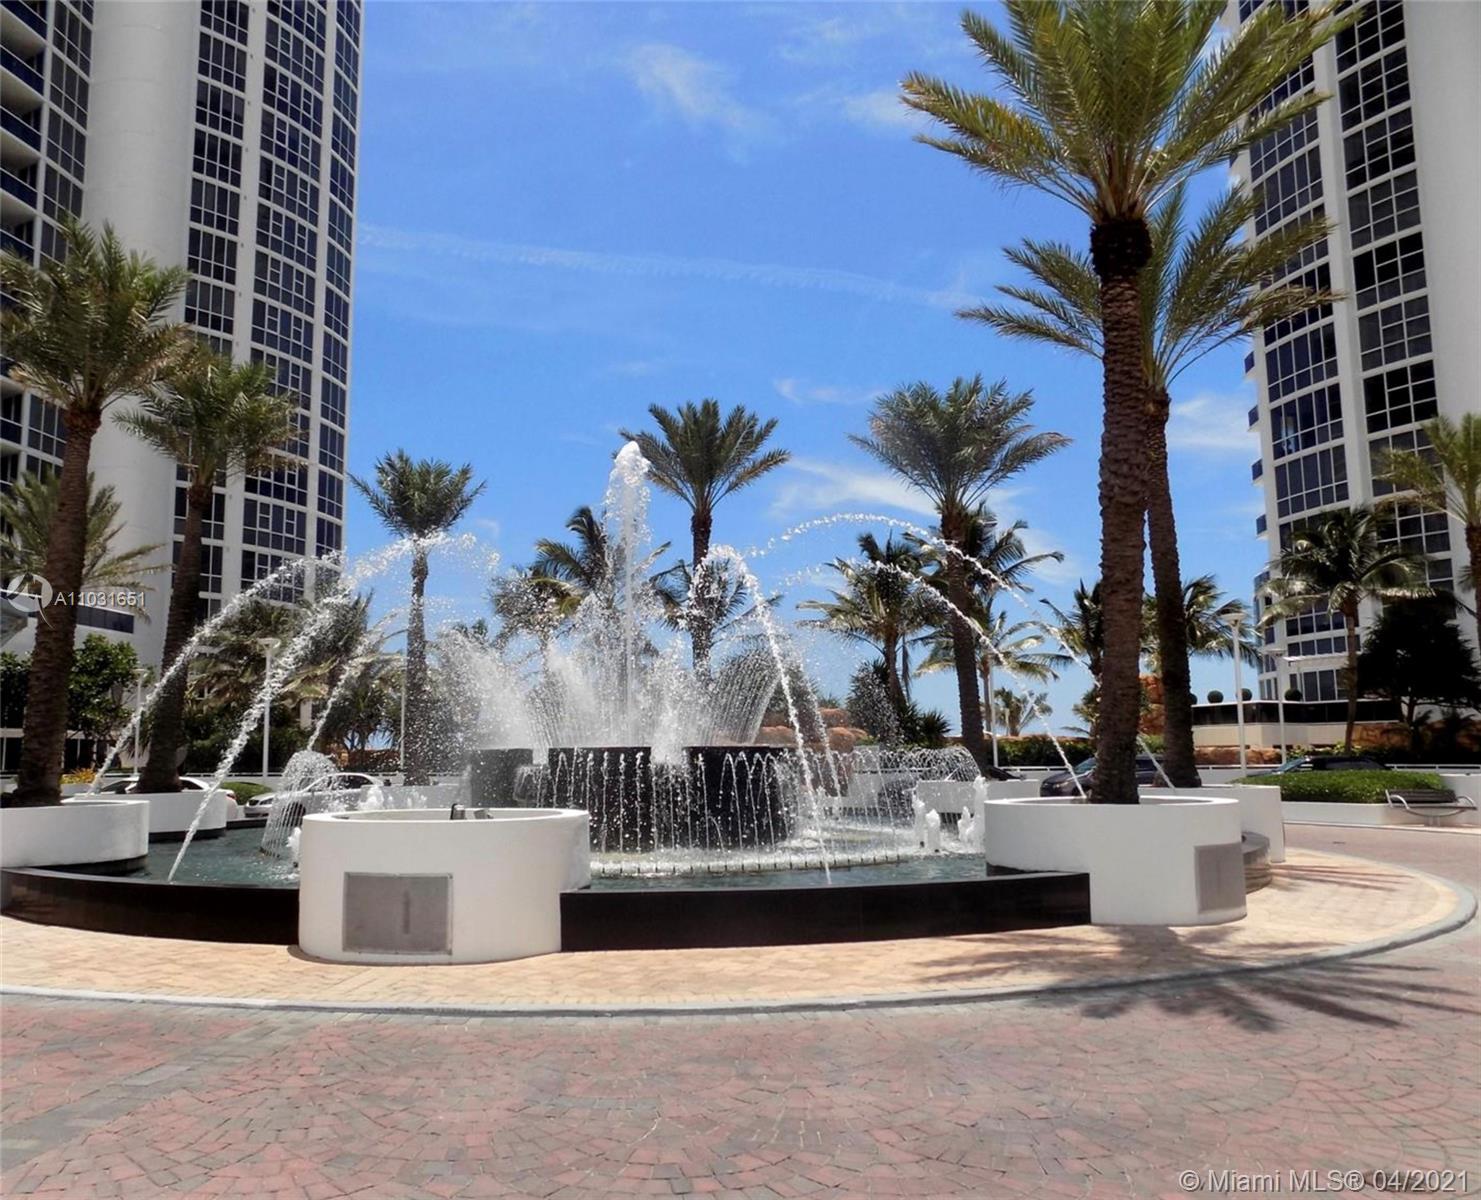 Trump Royale #3906 Av August - 18201 Collins Ave #3906 Av August, Sunny Isles Beach, FL 33160